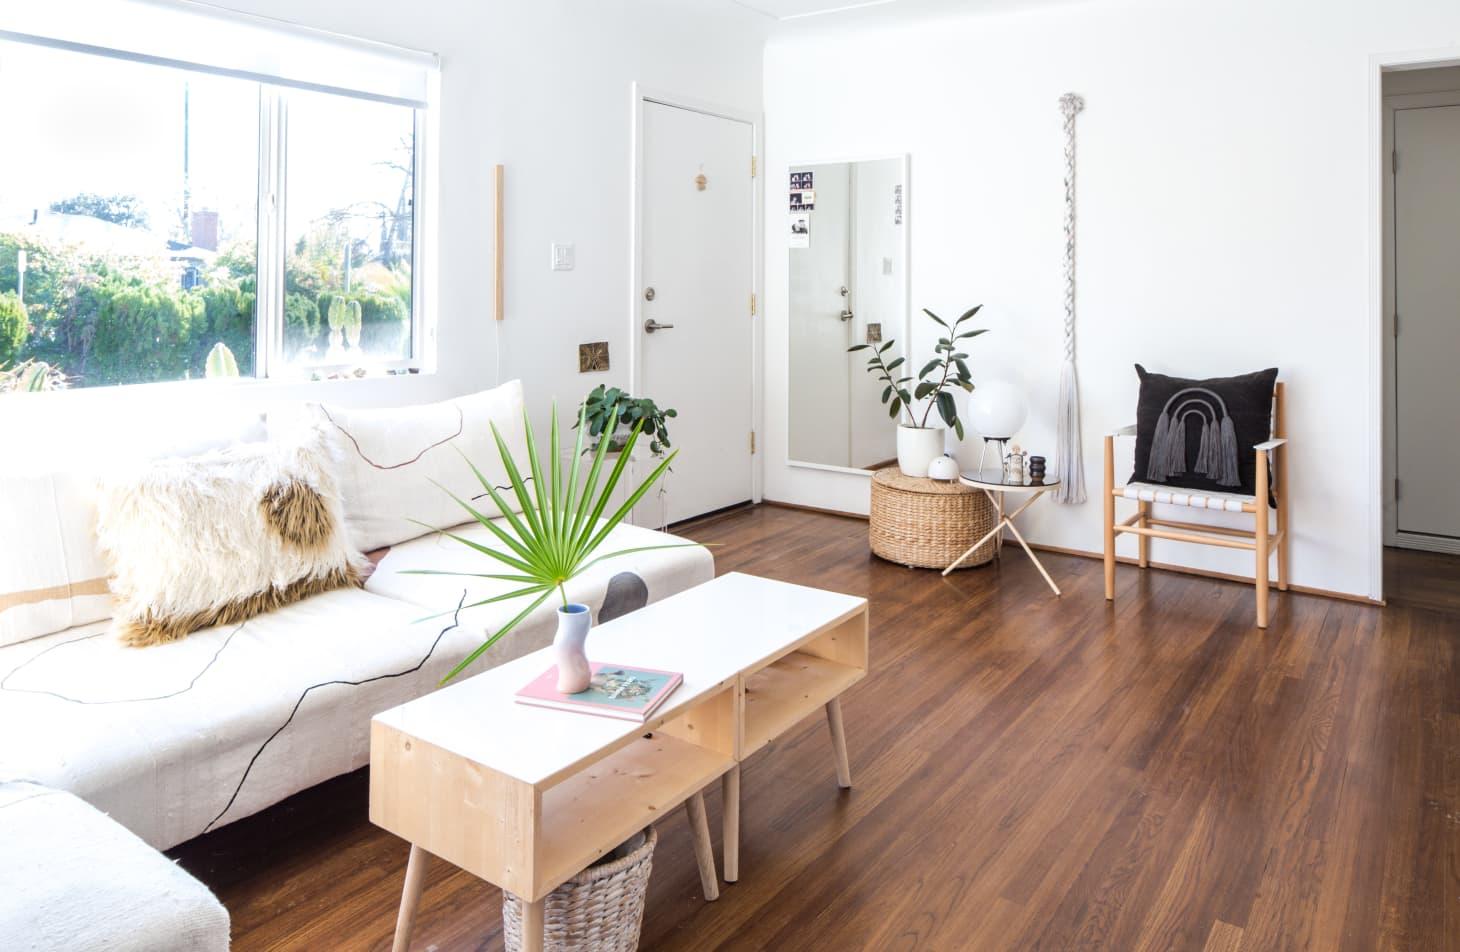 slow deco salon materiaux chaleureux et minimalistes